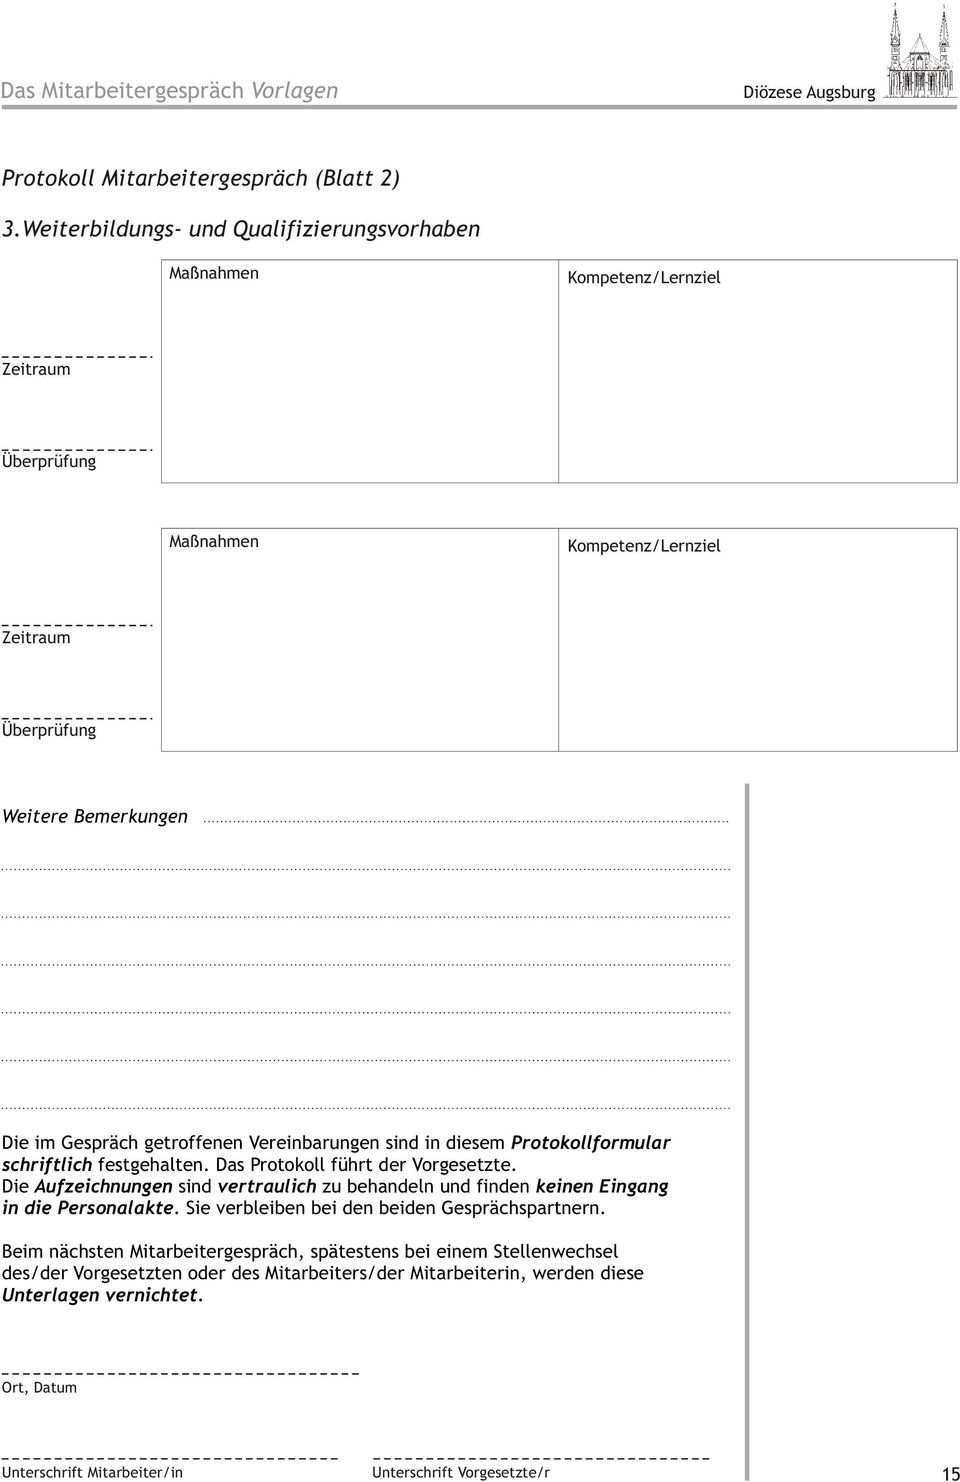 Das Mitarbeitergesprach Leitfaden Diozese Augsburg Pdf Kostenfreier Download